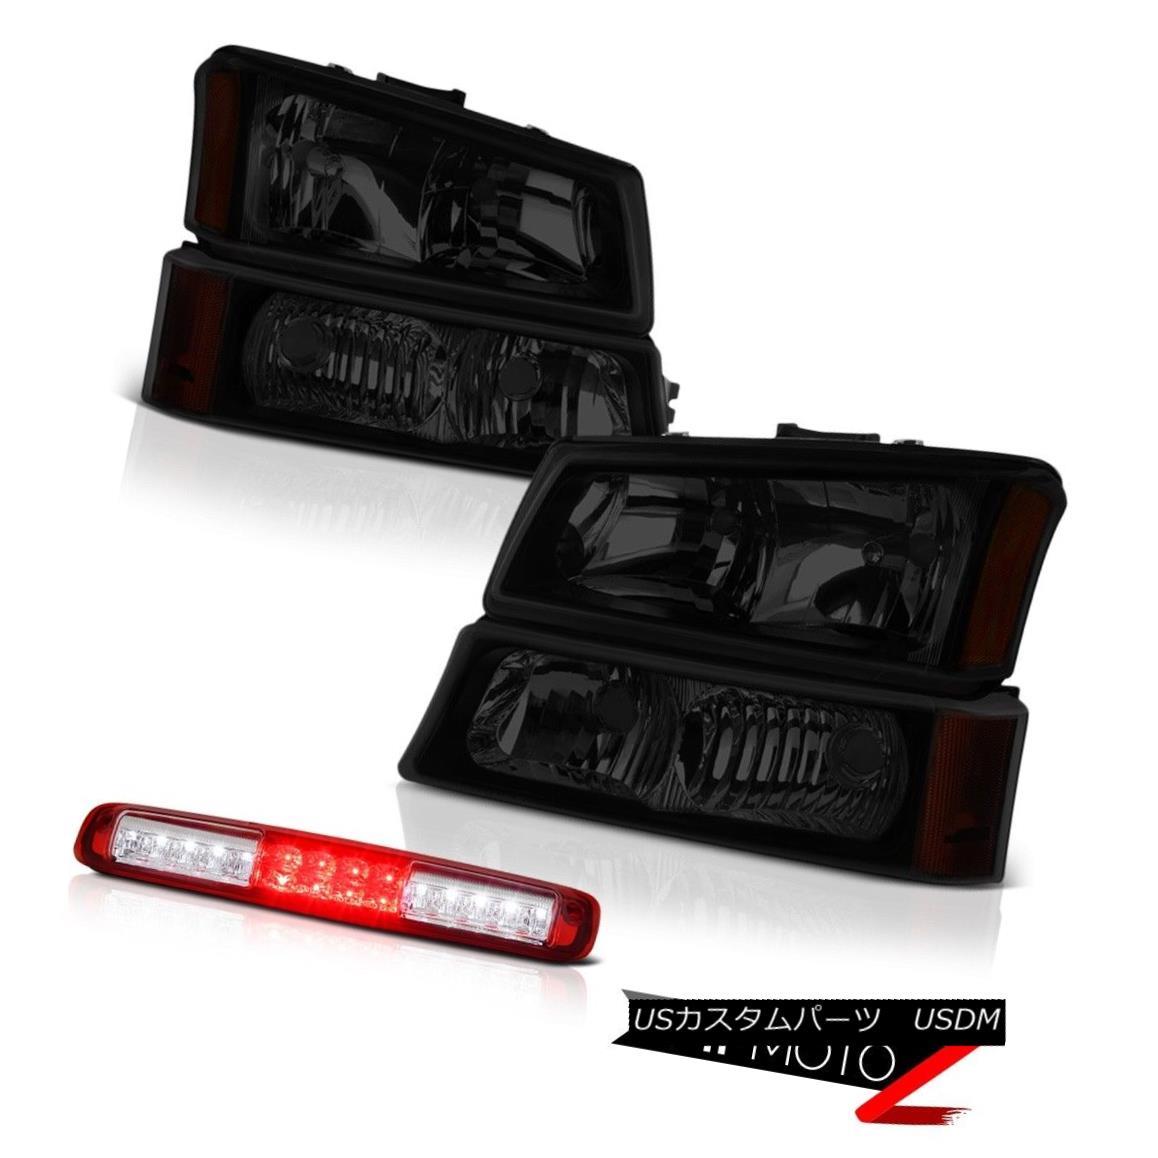 テールライト 03 04 05 06 Silverado Wine Red Roof Cab Light Dark Tinted Headlamps Replacement 03 04 05 06シルバラードワインレッドルーフキャブライトダークティンテッドヘッドランプ交換